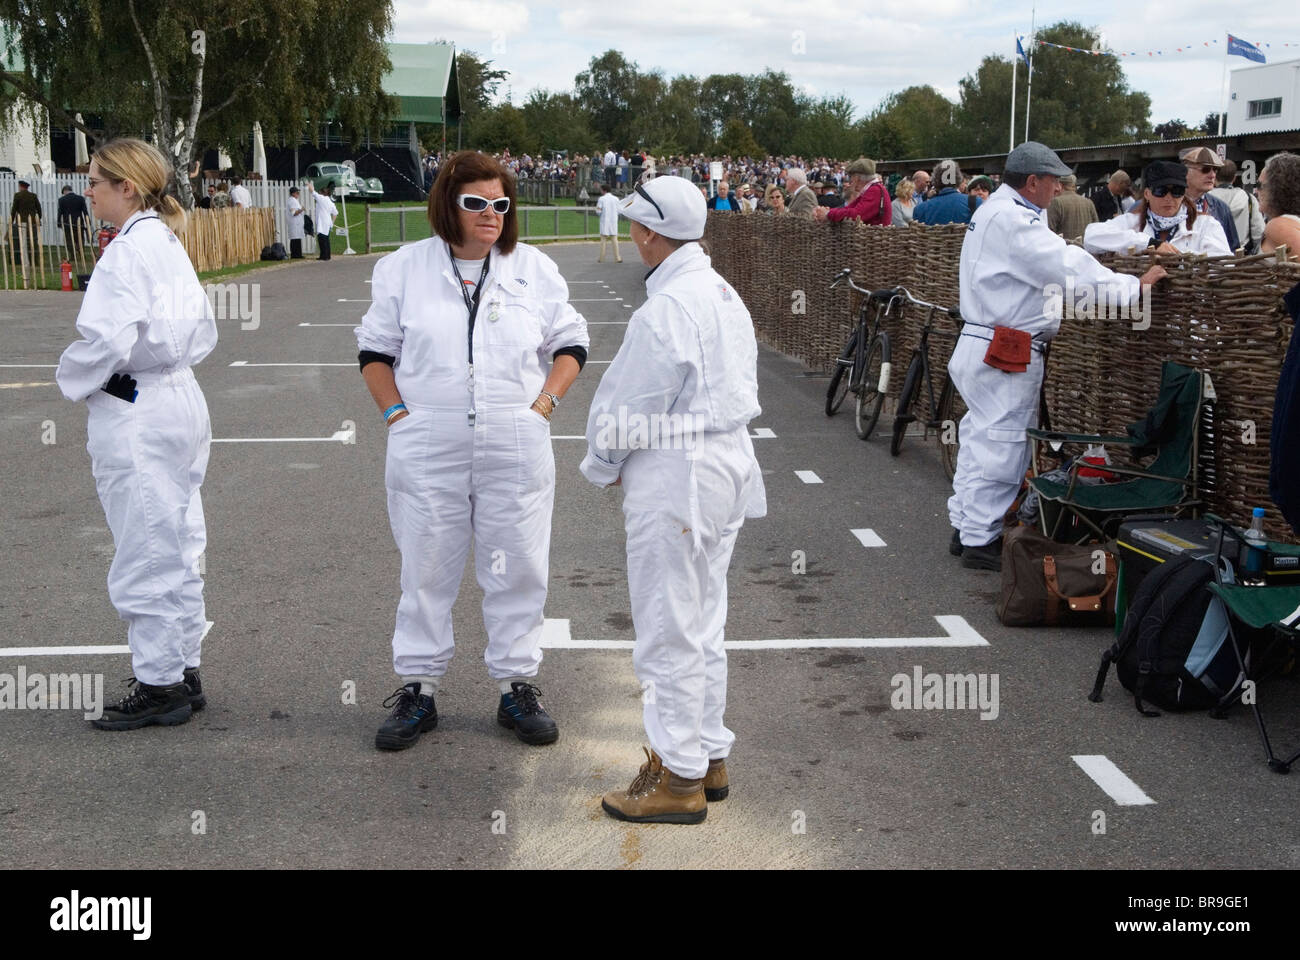 Festival de Velocidad de Goodwood. Goodwood Sussex. En el Reino Unido. Damas de los fosos. Imagen De Stock